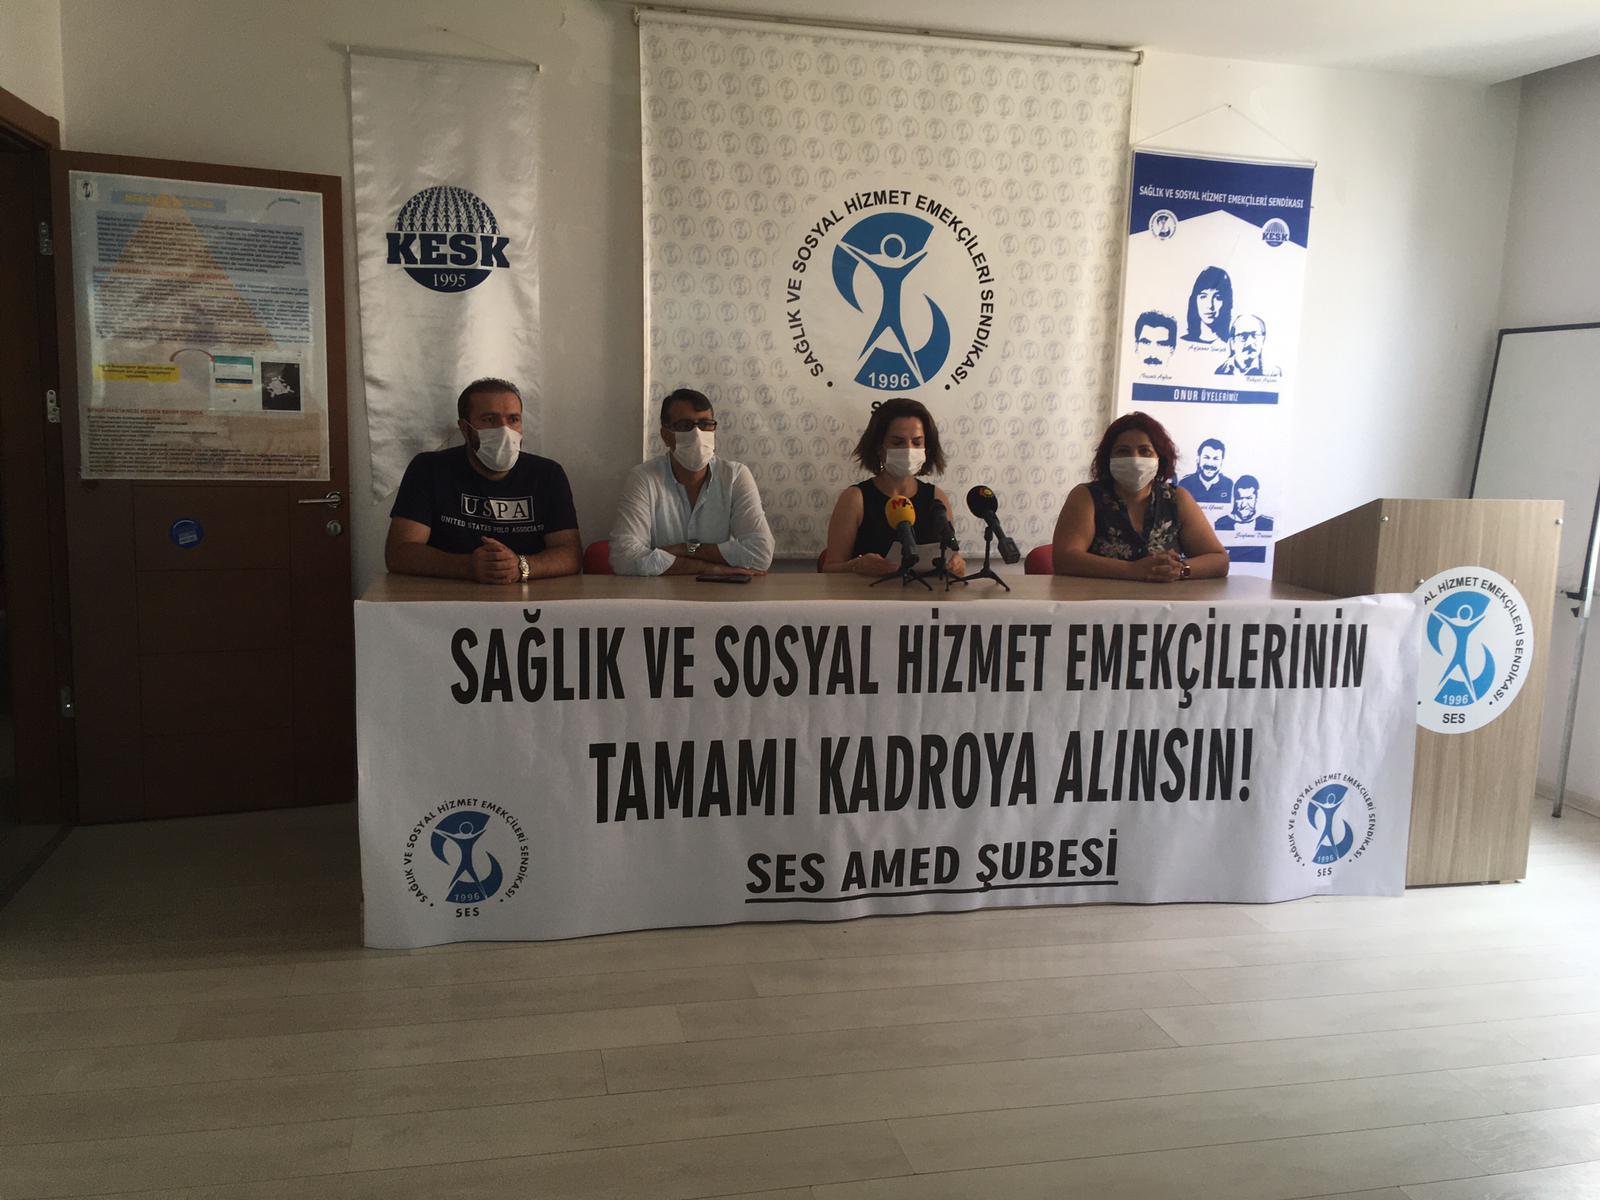 """Diyarbakır Şubemiz """"Güvenceli İş, Güvenli Gelecek"""" İmzalarını TBMM'ye Sunulması İçin Genel Merkezimize Gönderdi"""